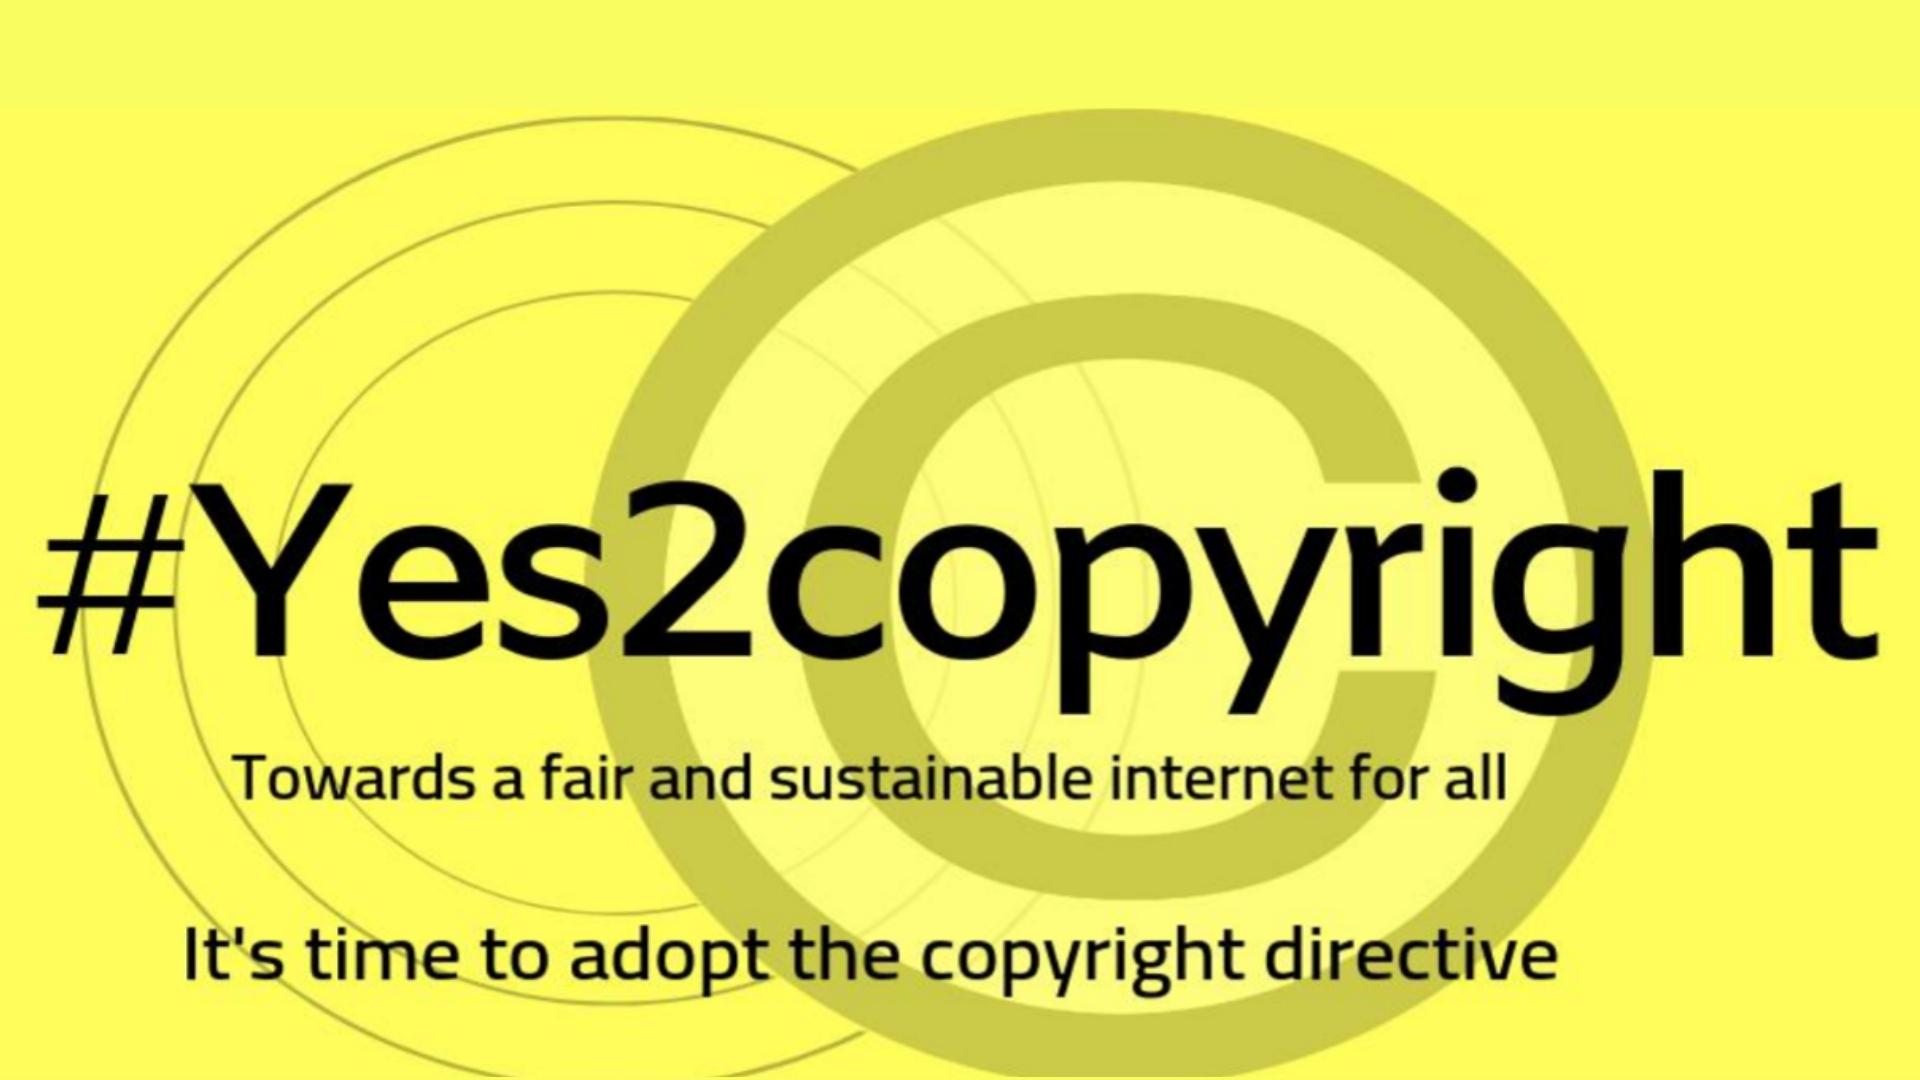 Direttiva copyright: la richiesta delle associazioni creative all'Europa